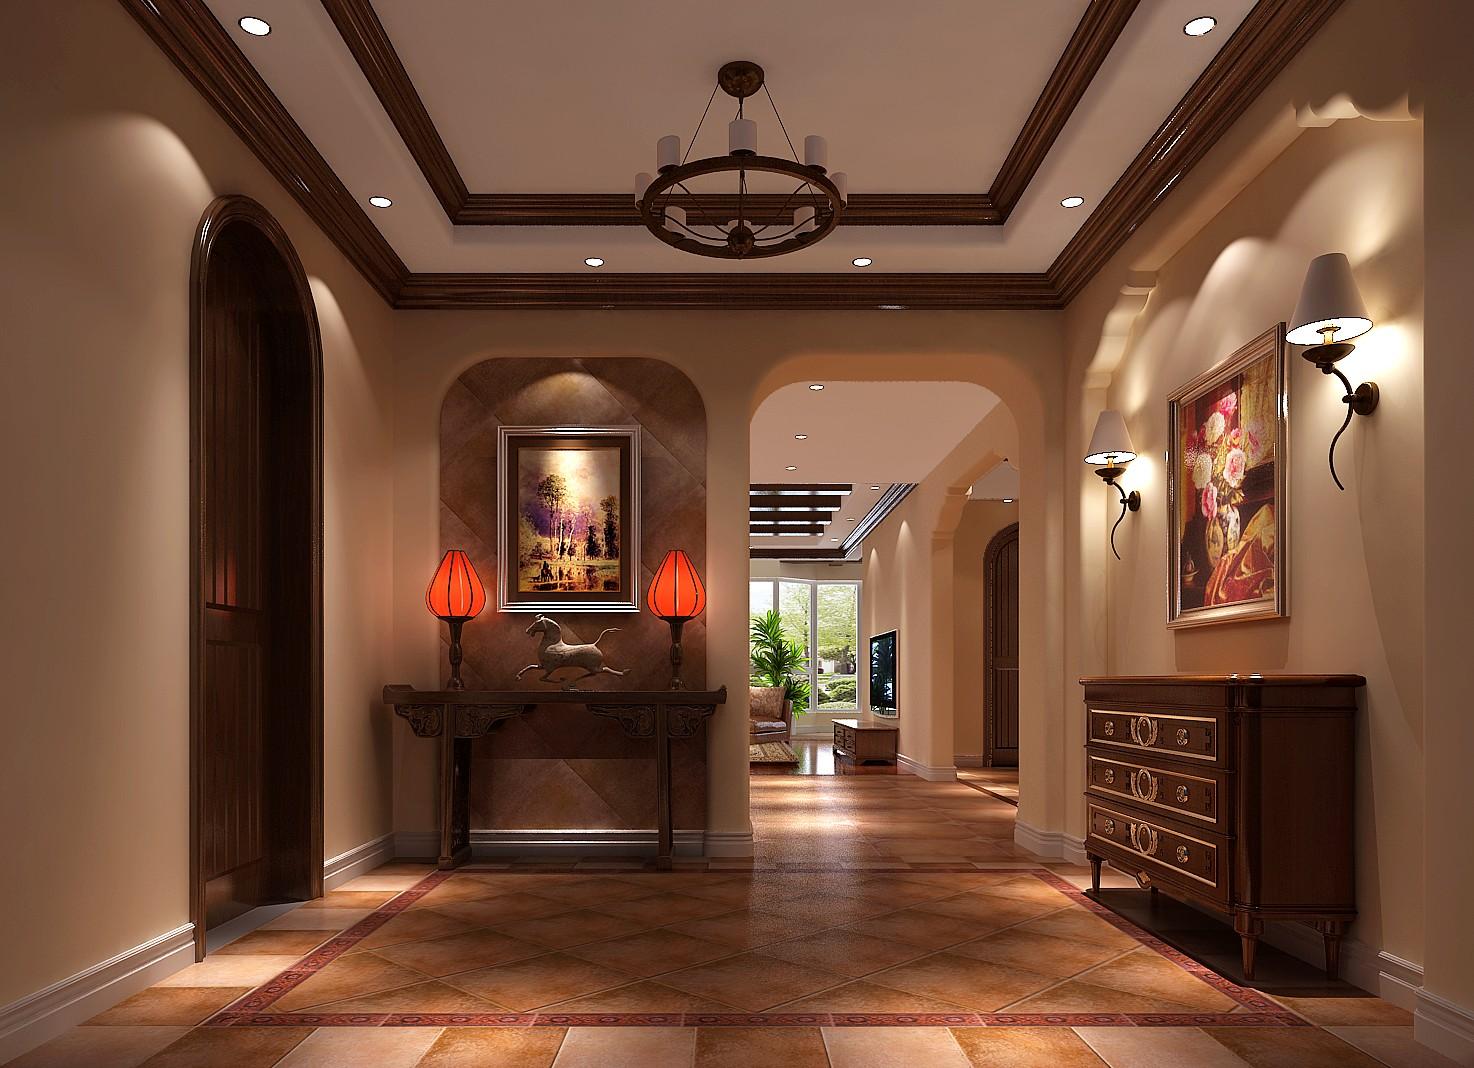 高度国际 御翠尚府 托斯卡纳 公寓 玄关图片来自高度国际在每个角落,都有一个故事的分享